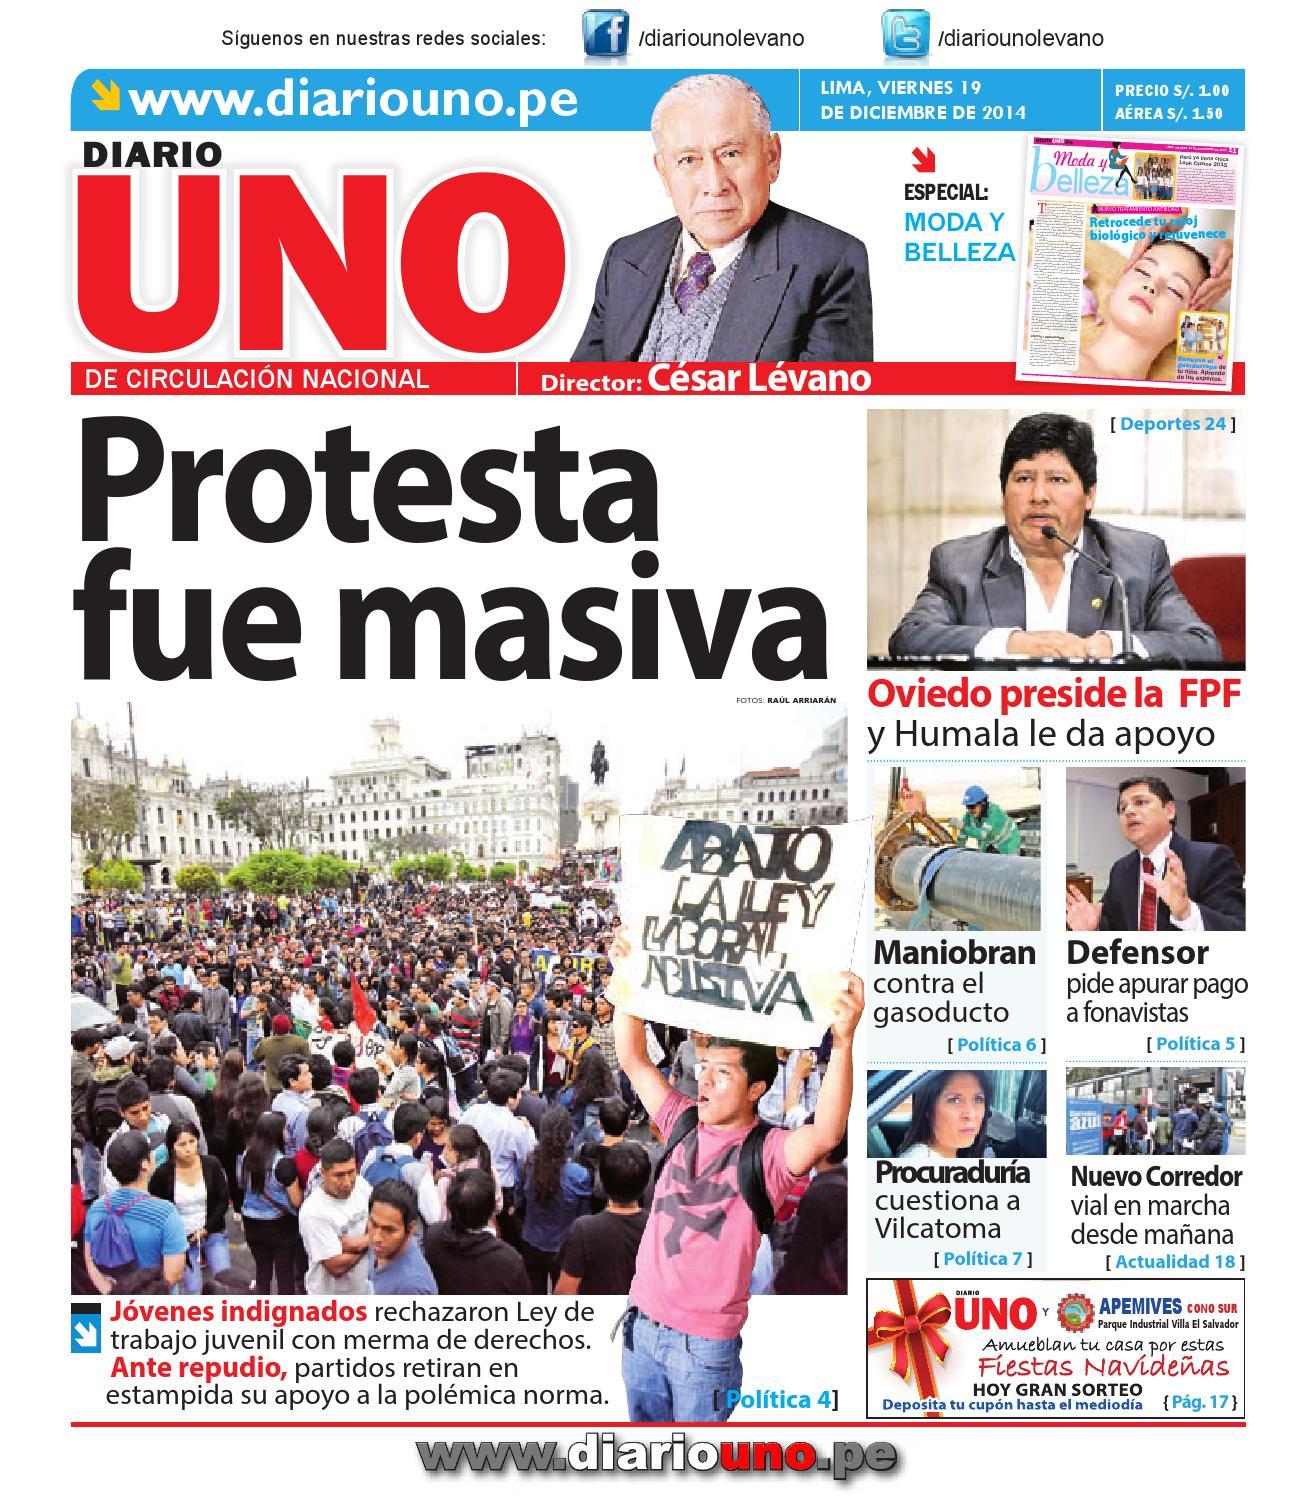 Diario UNO - 19 Diciembre 2014 by Diario UNO - issuu